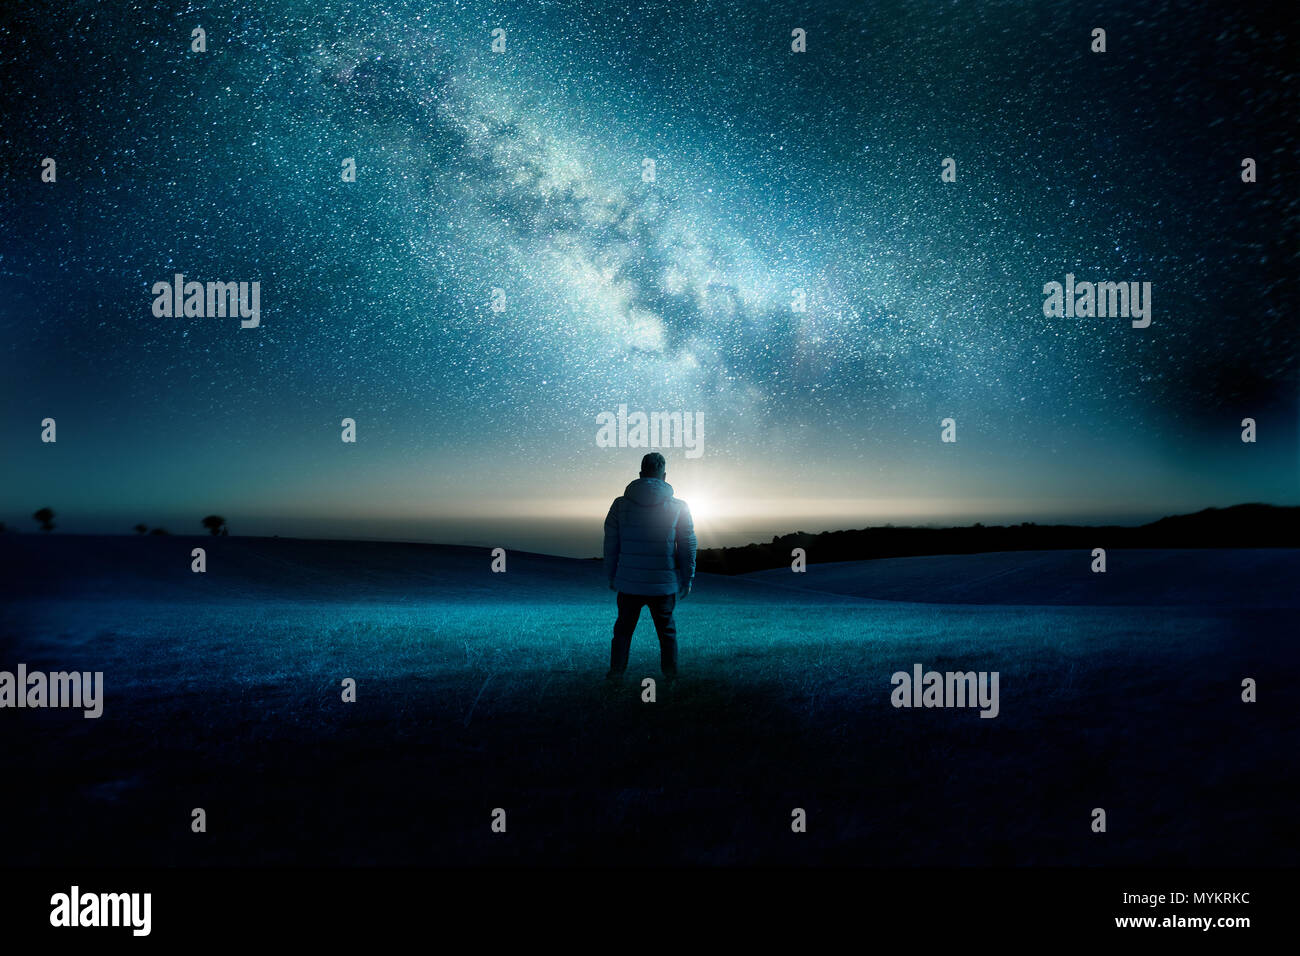 Un uomo sta guardando con meraviglia e stupore come la luna e la via lattea riempire il cielo di notte. La notte del paesaggio. Foto composite. Immagini Stock